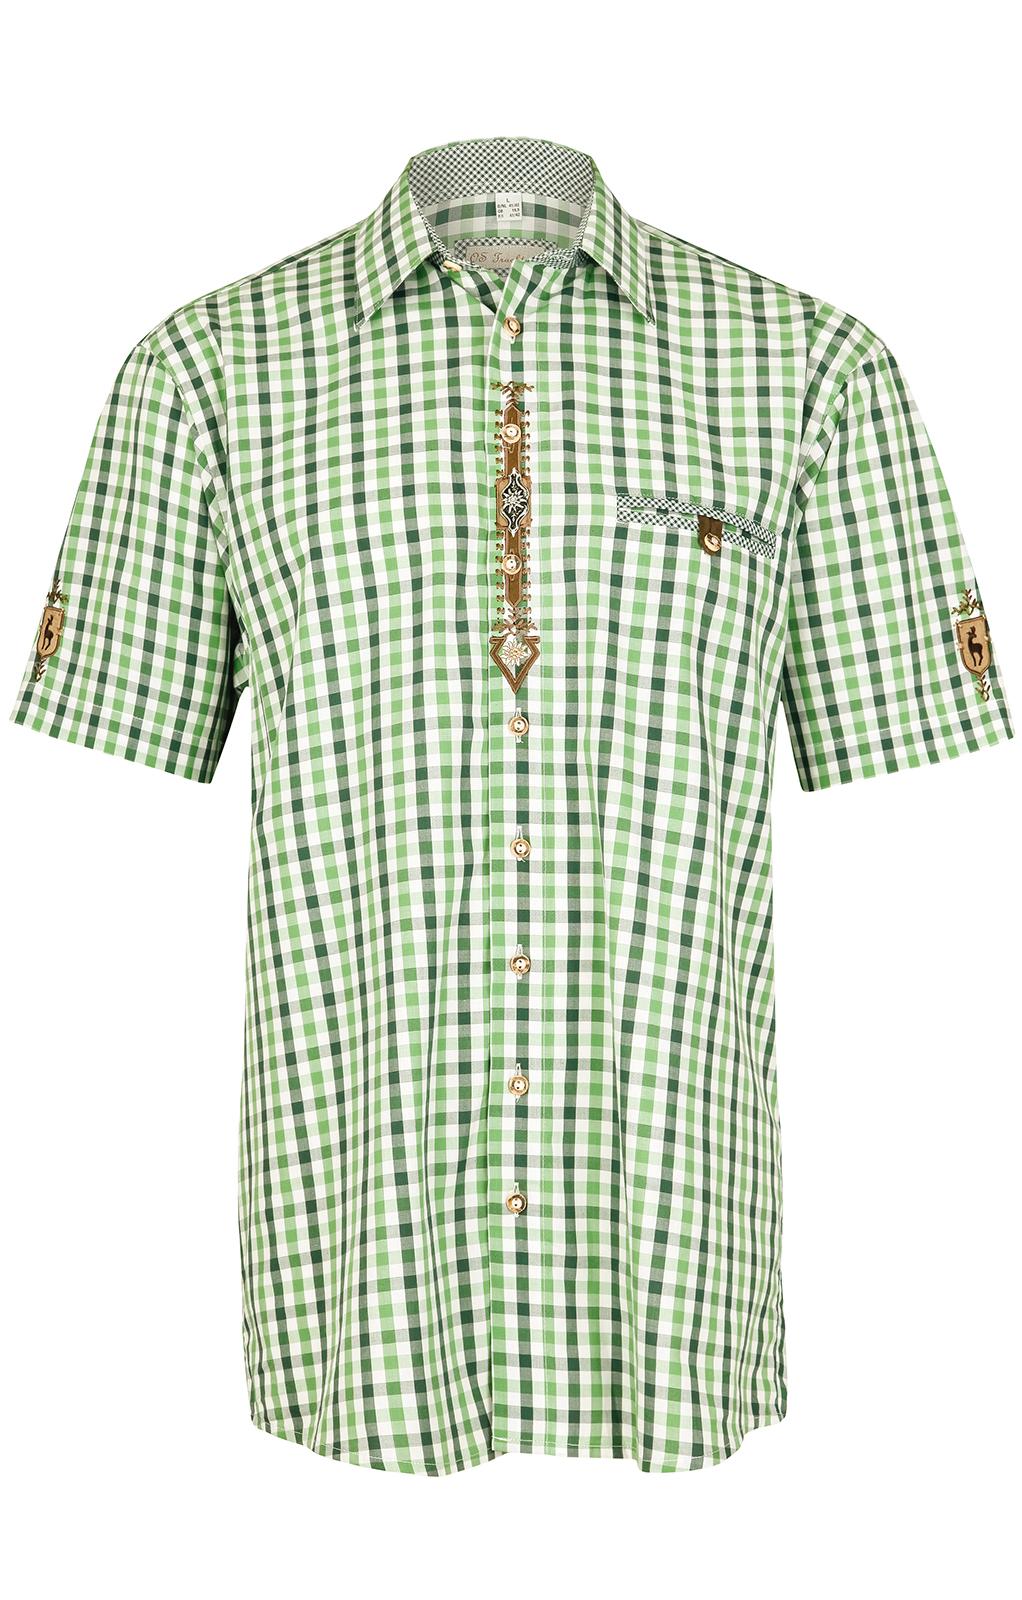 weitere Bilder von Klederdrachthemd korte mouwen groen